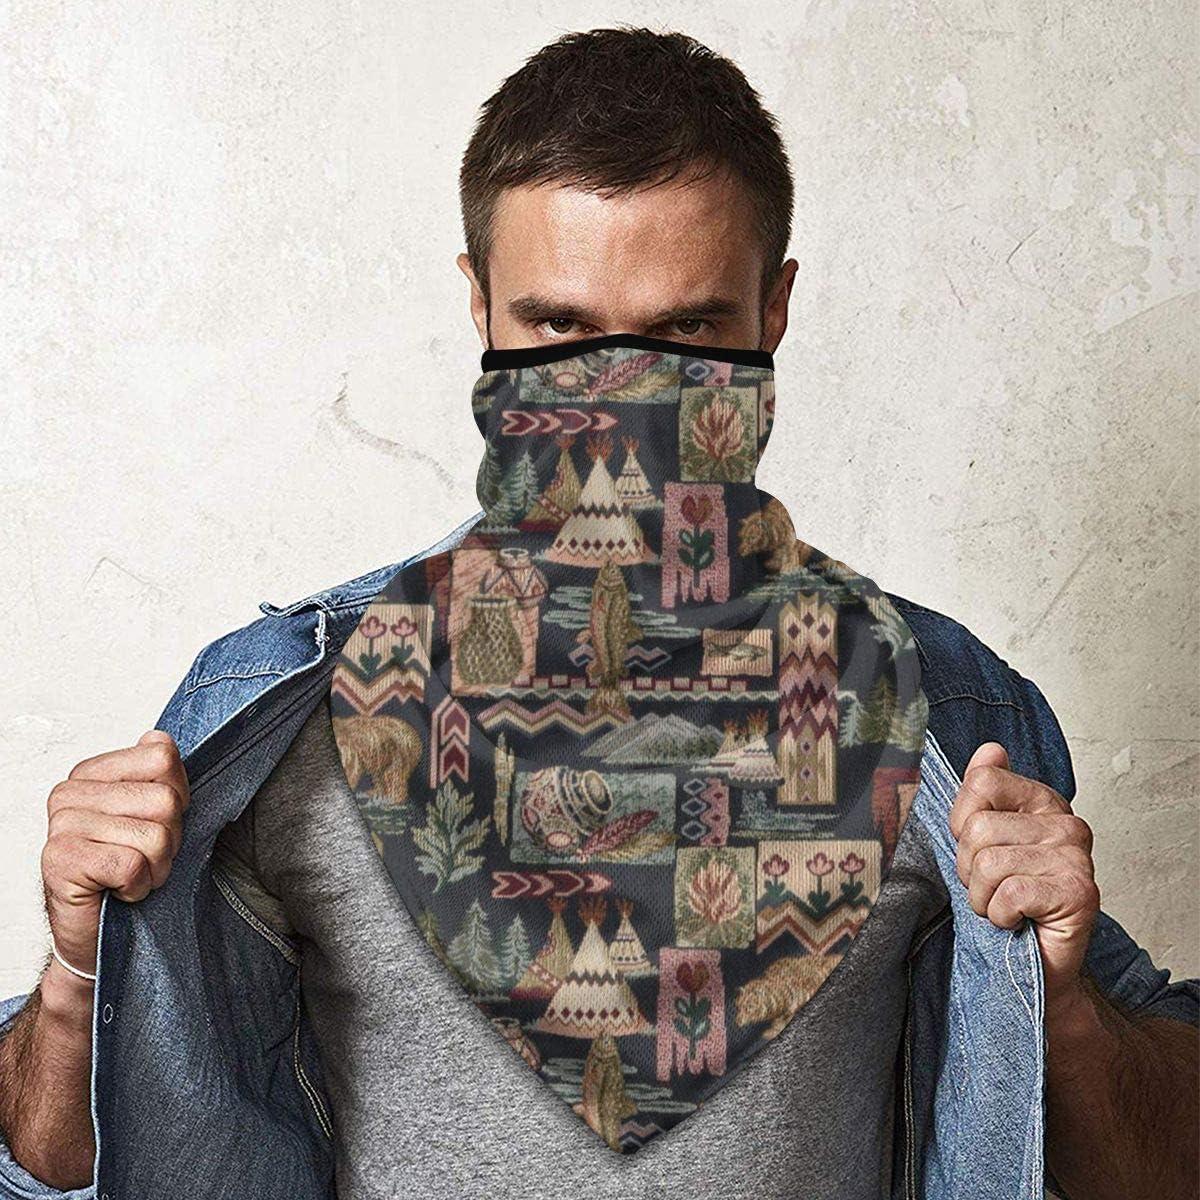 protecci/ón de la boca polaina pasamonta/ñas bufanda para la cara QsuNa Native American Tiendas de oso a prueba de viento